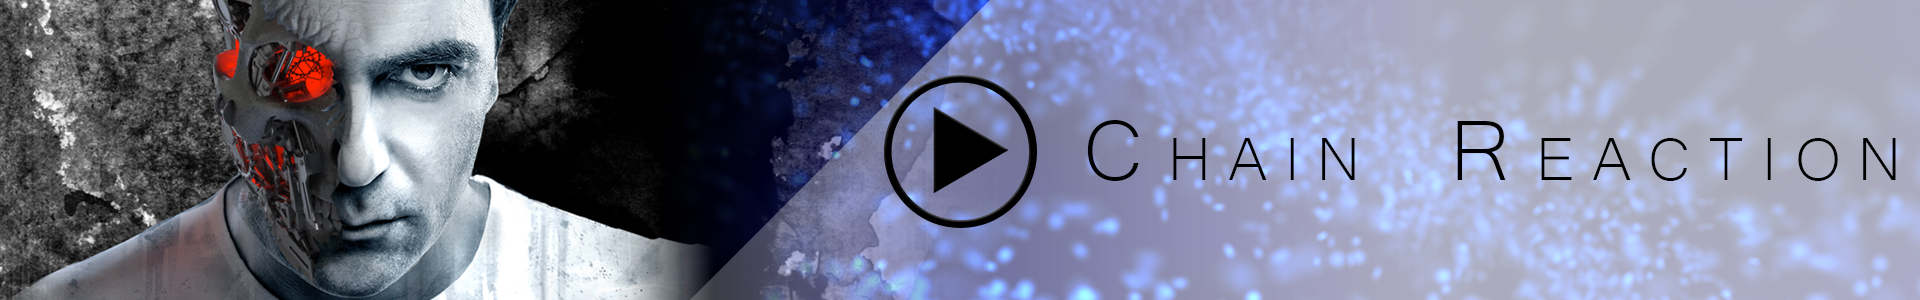 websiteMovieButton_ChainReaction